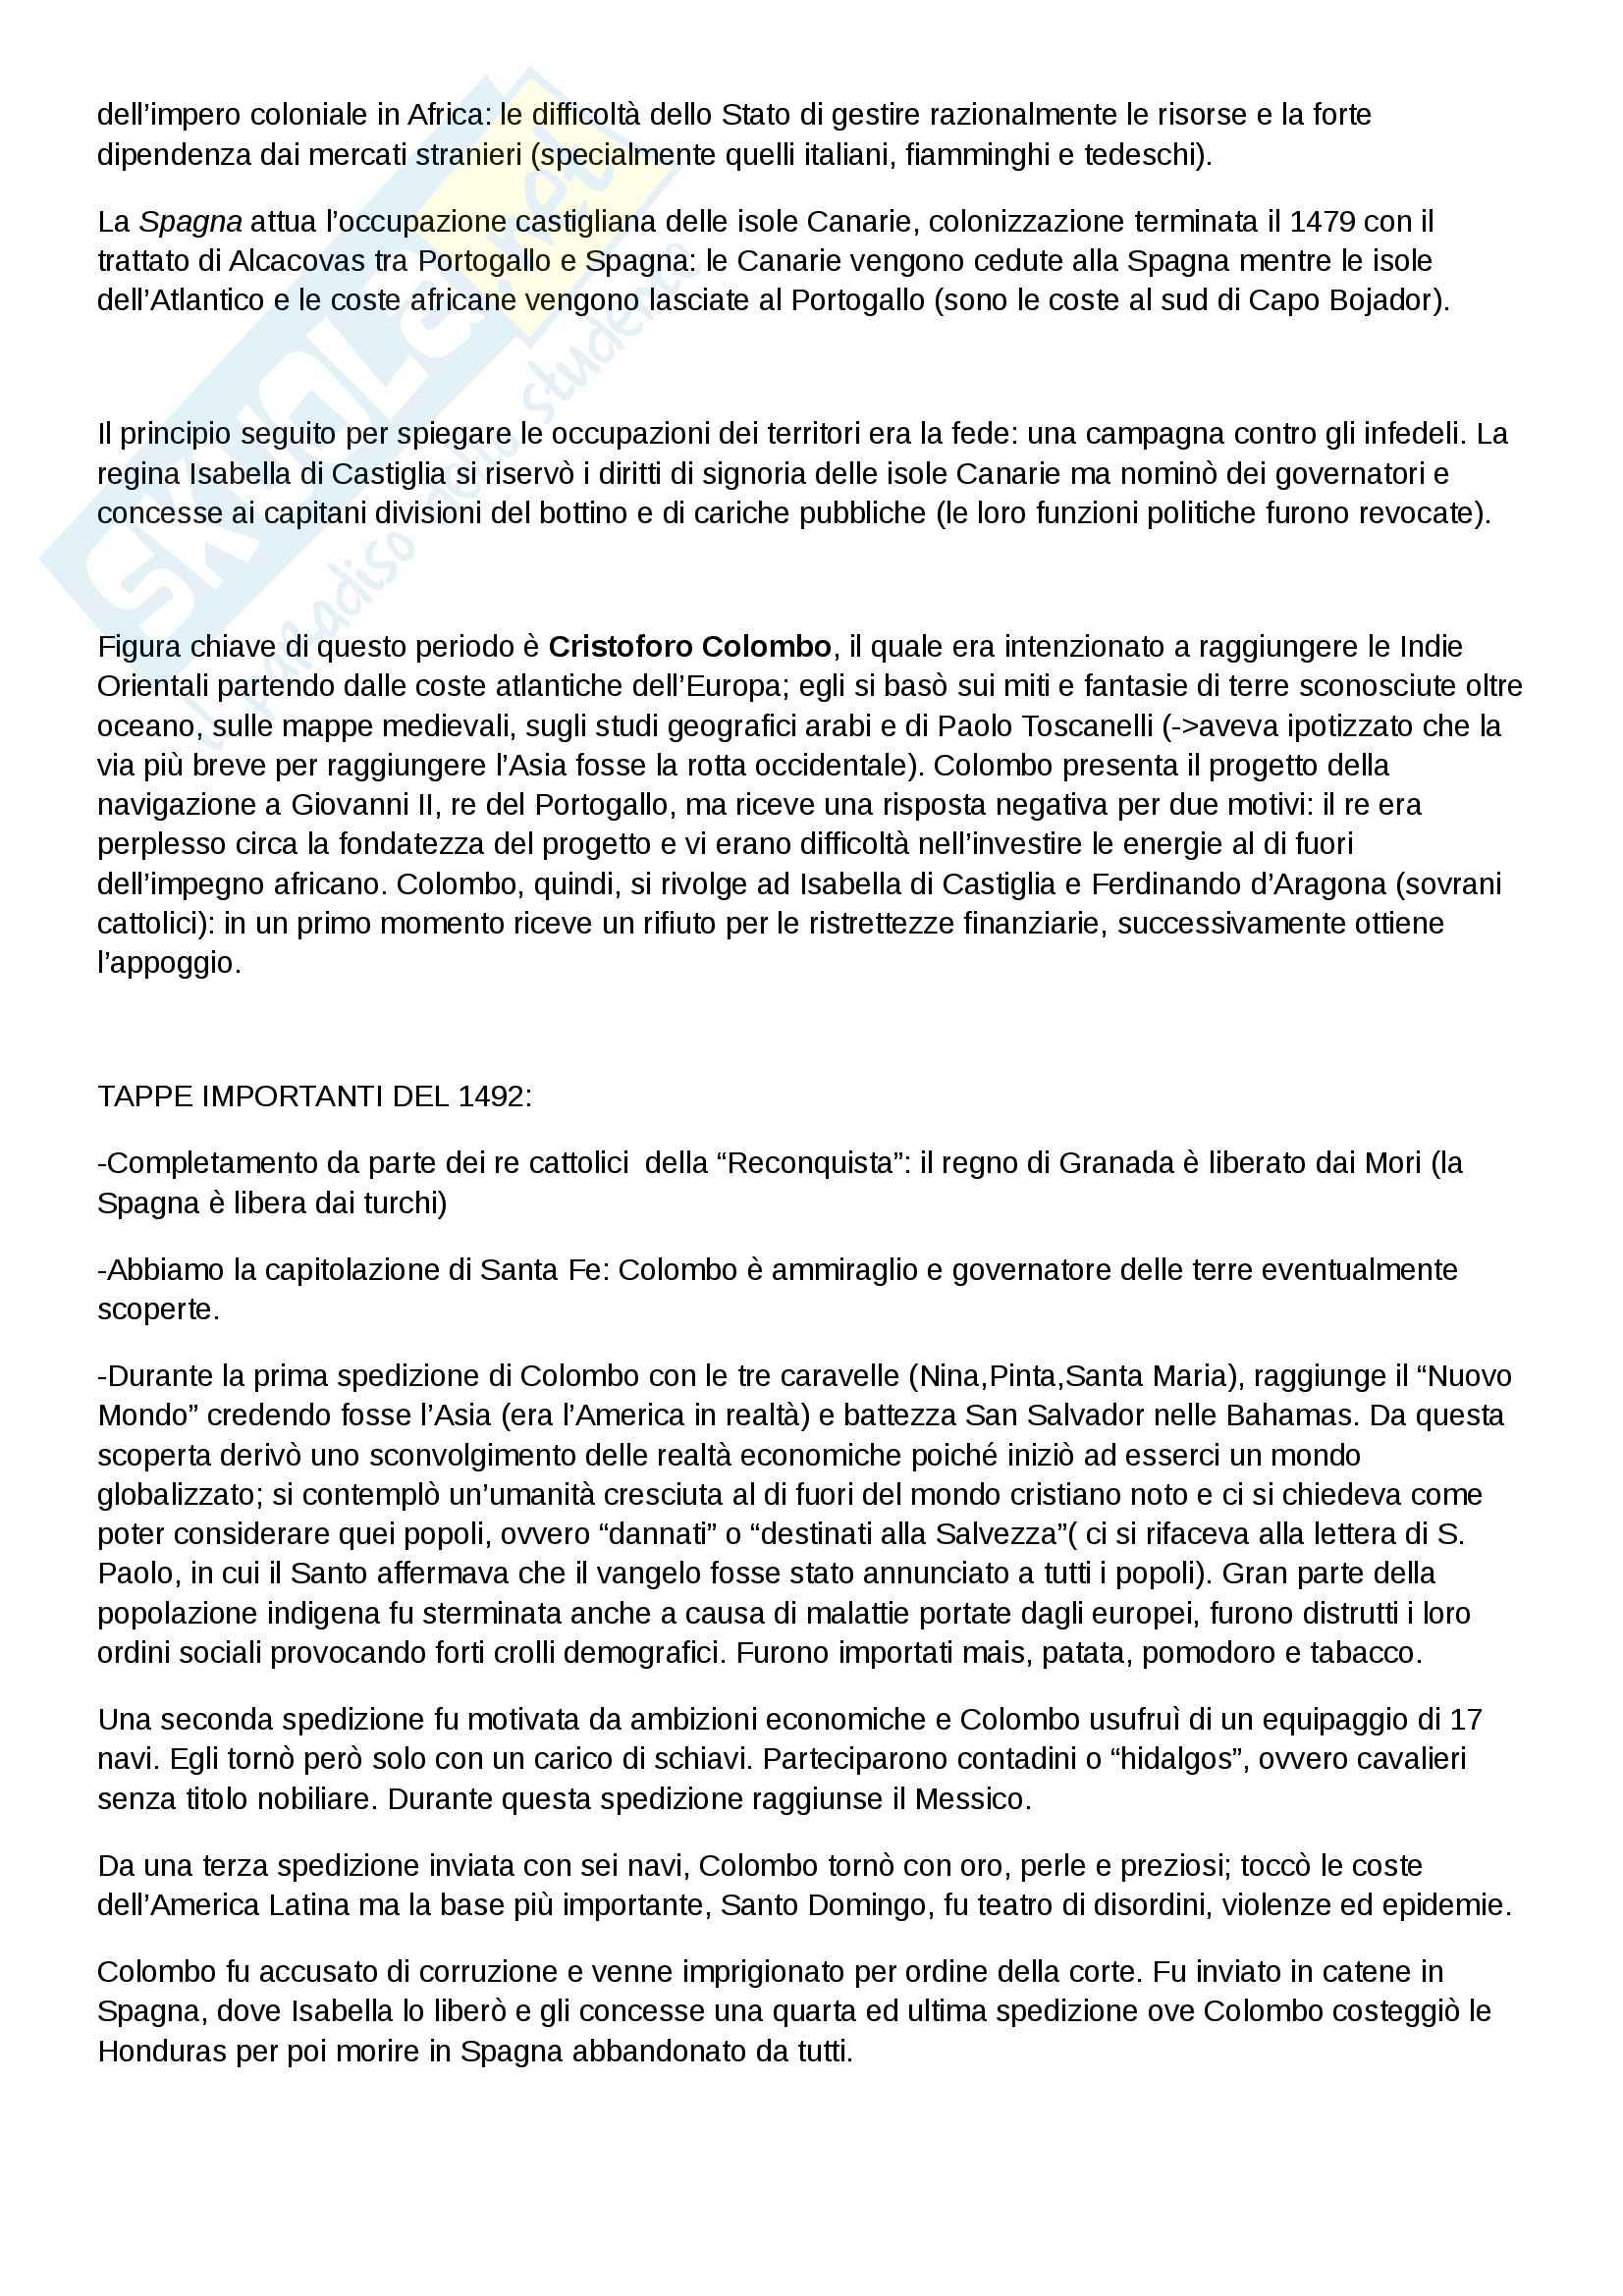 """Riassunto esame di Storia moderna, prof. Migliorini, libro consigliato """"Le vie della modernità"""" di Aurelio Musi, ed. Sansoni Pag. 2"""